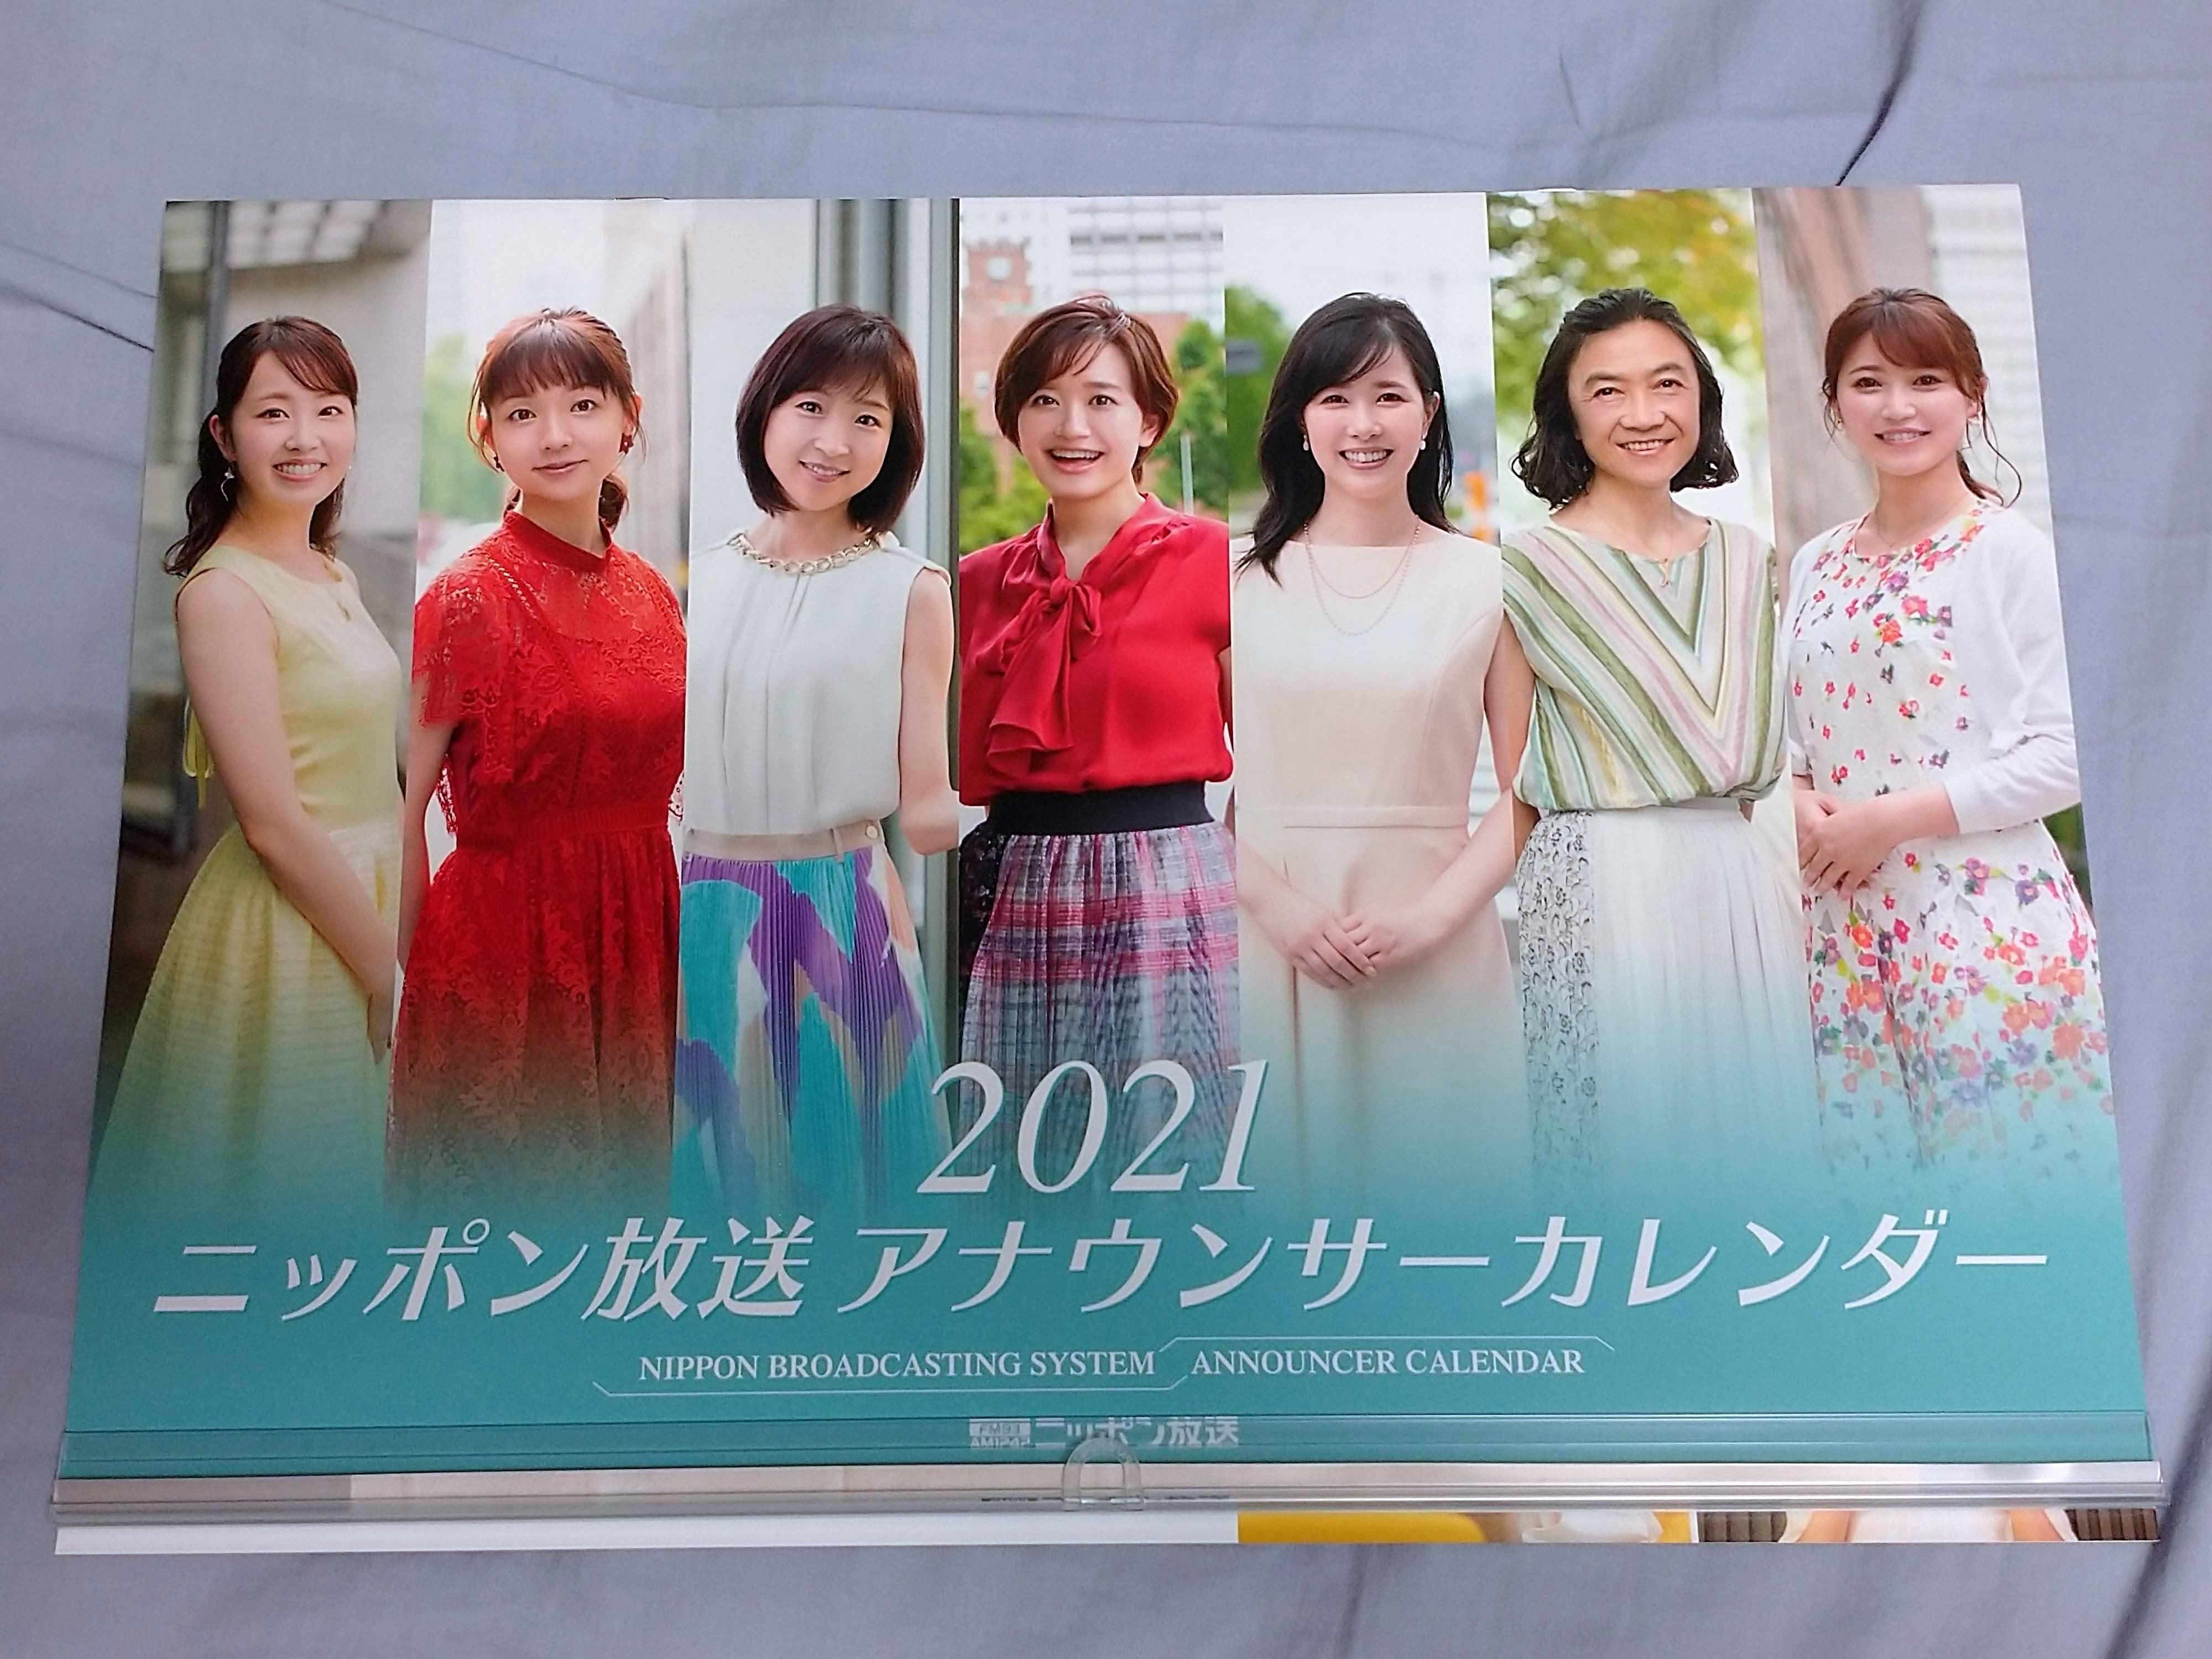 美帆 放送 熊谷 ニッポン